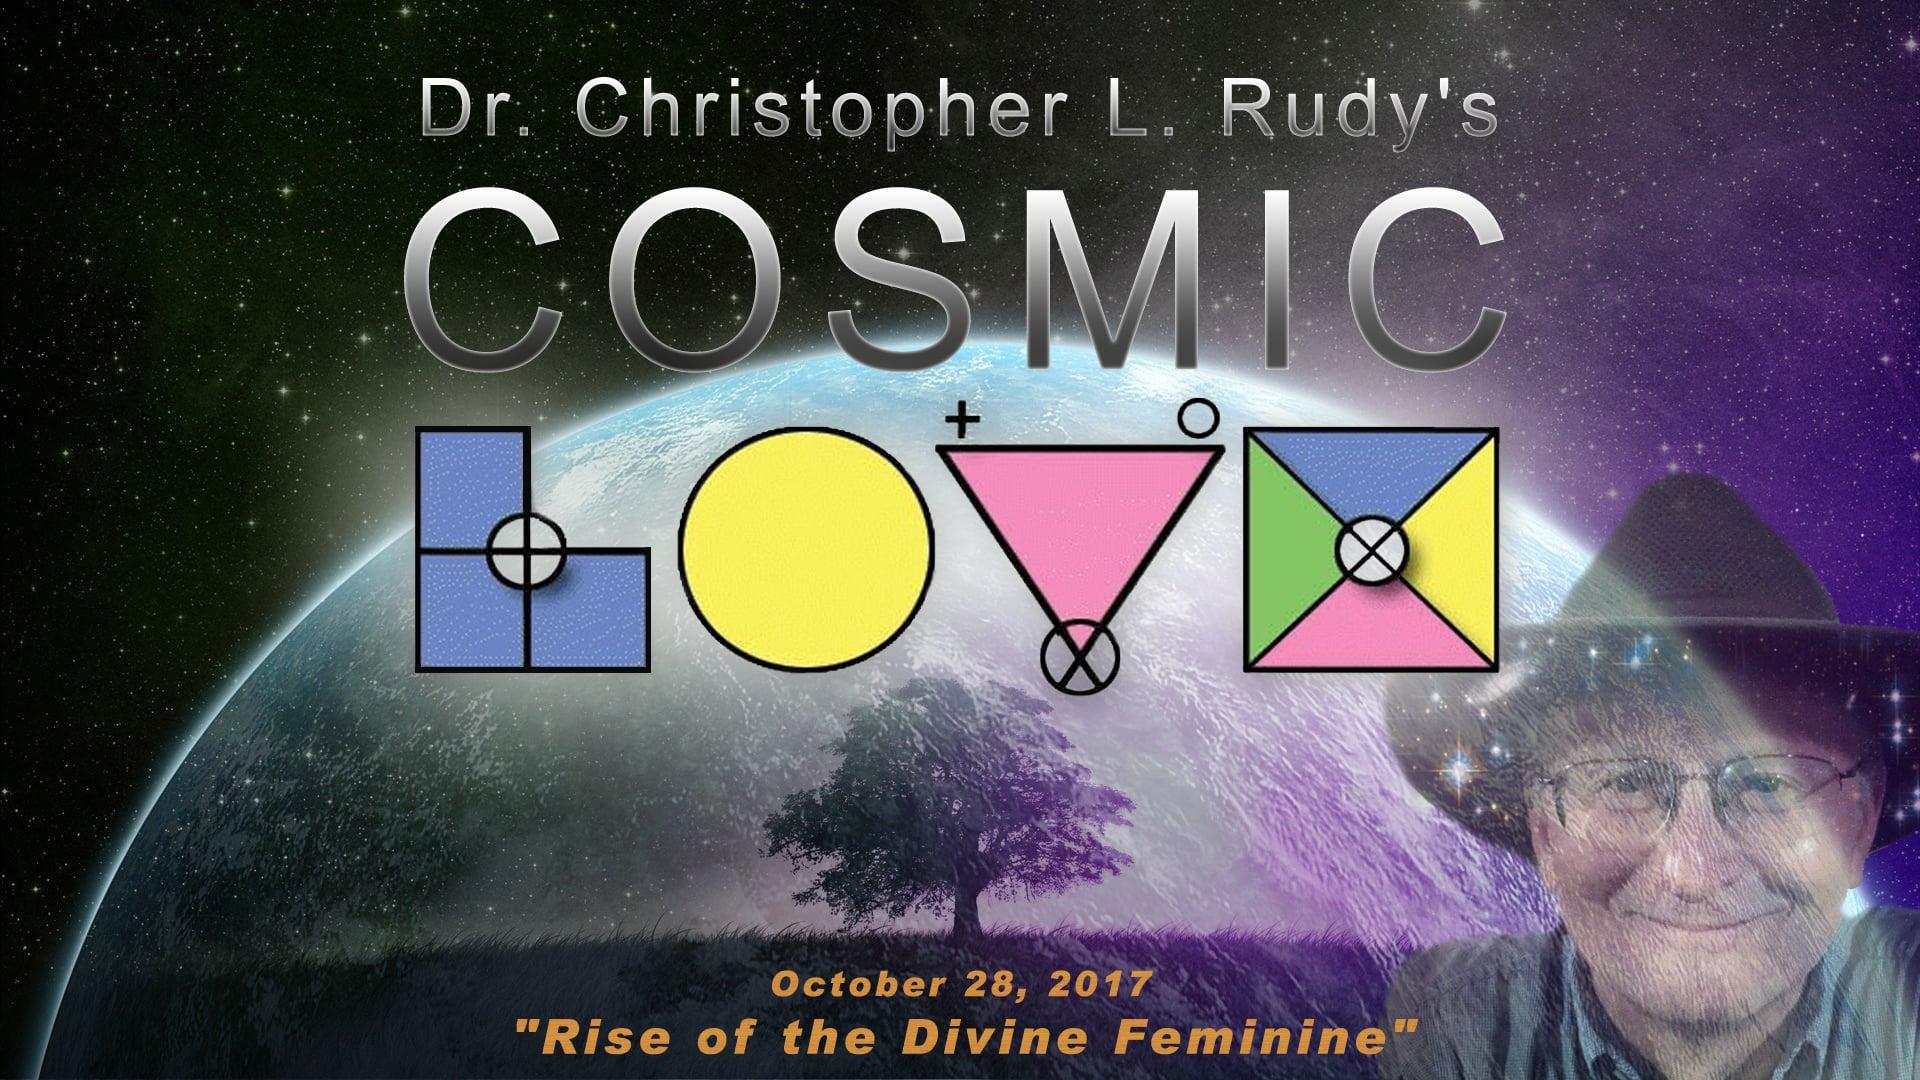 10-28-2017: Rise of the Divine Feminine